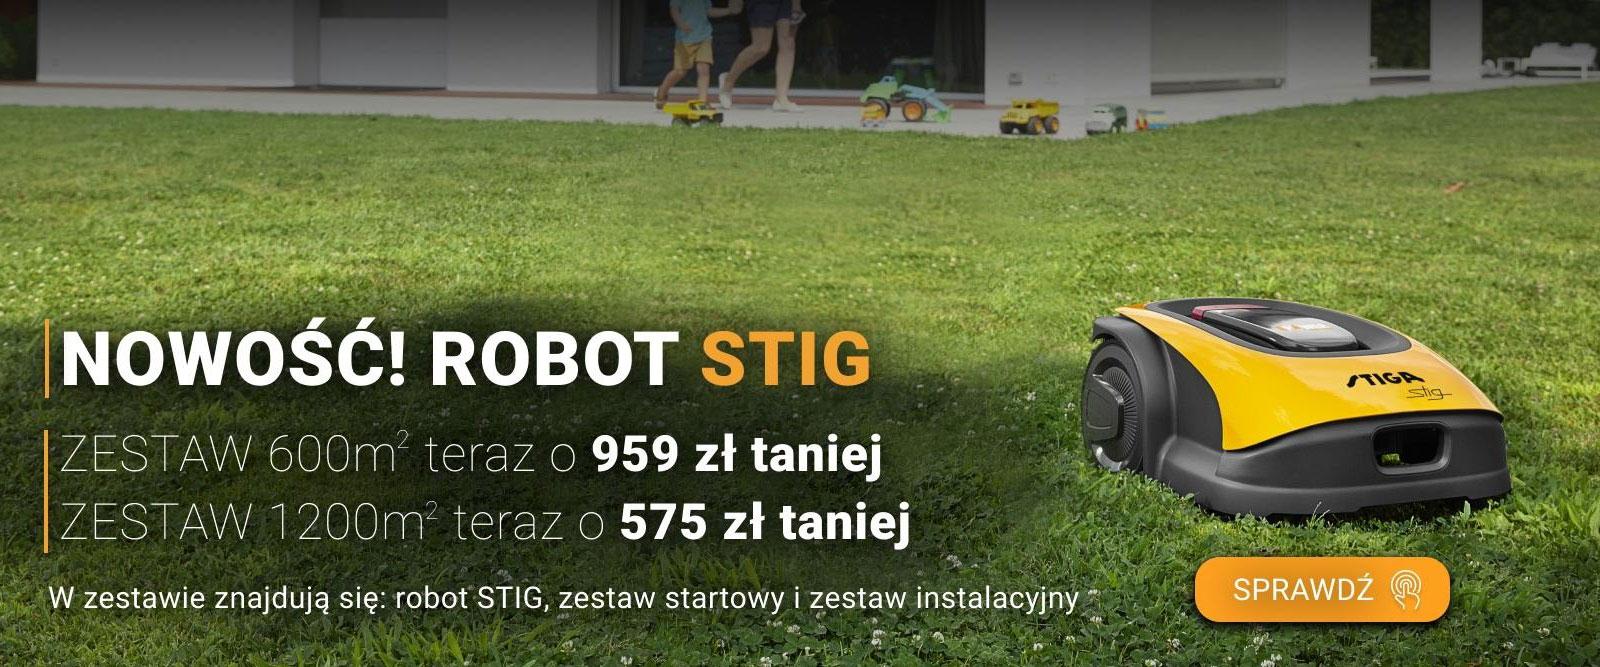 Nowe roboty koszące Stig